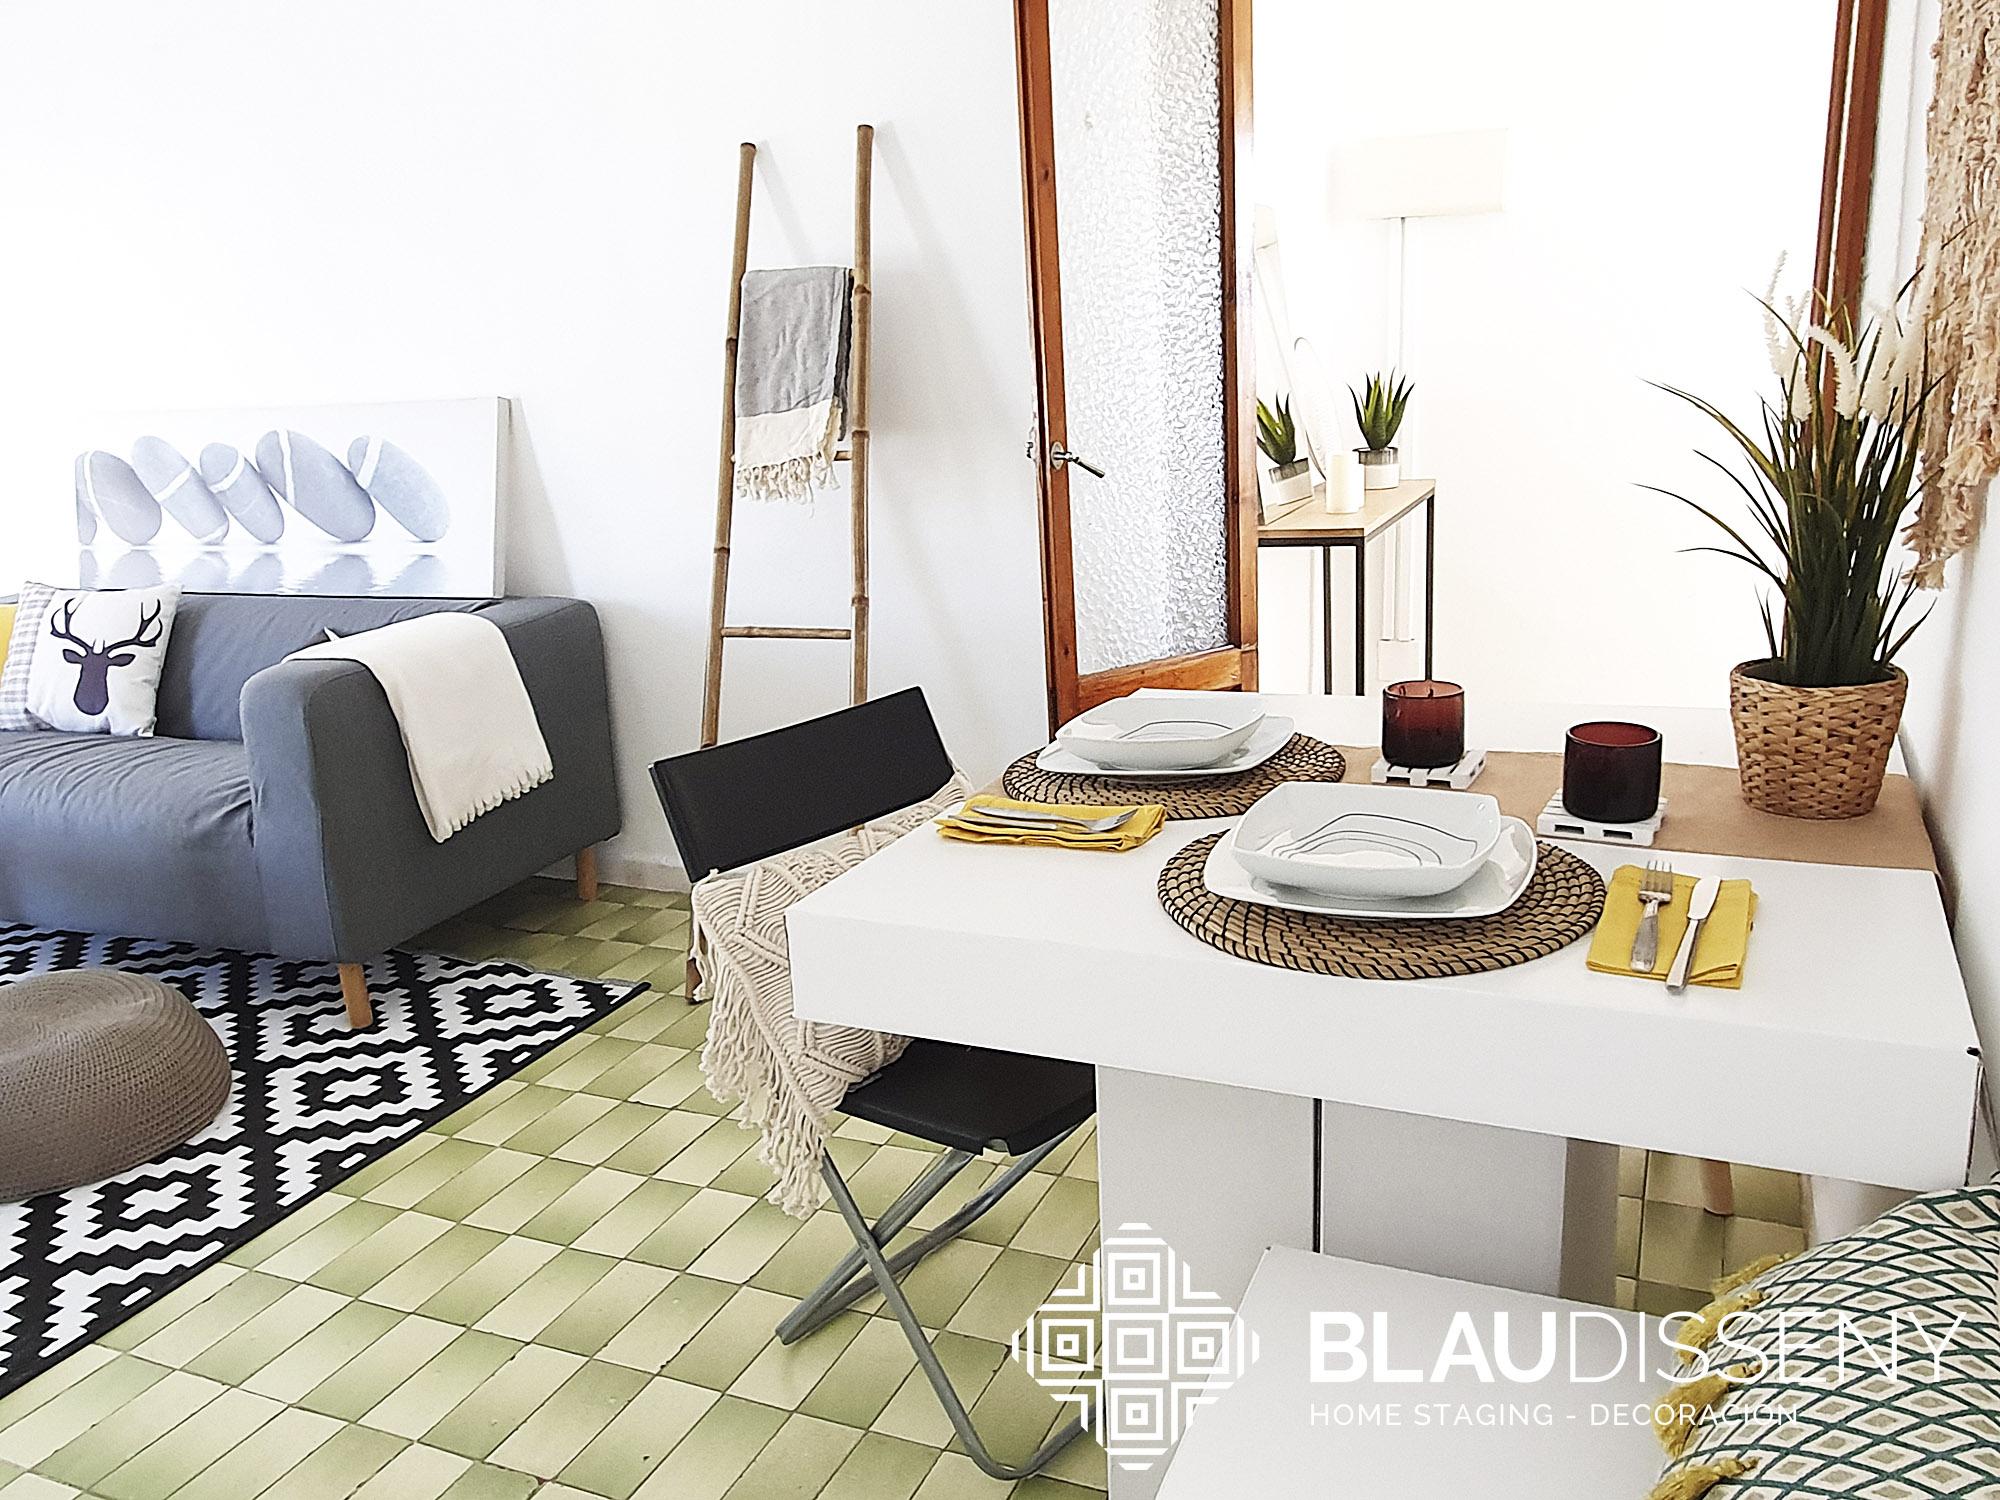 Blaudisseny-home-staging-Son-Cladera-comedor-5-despues-logo